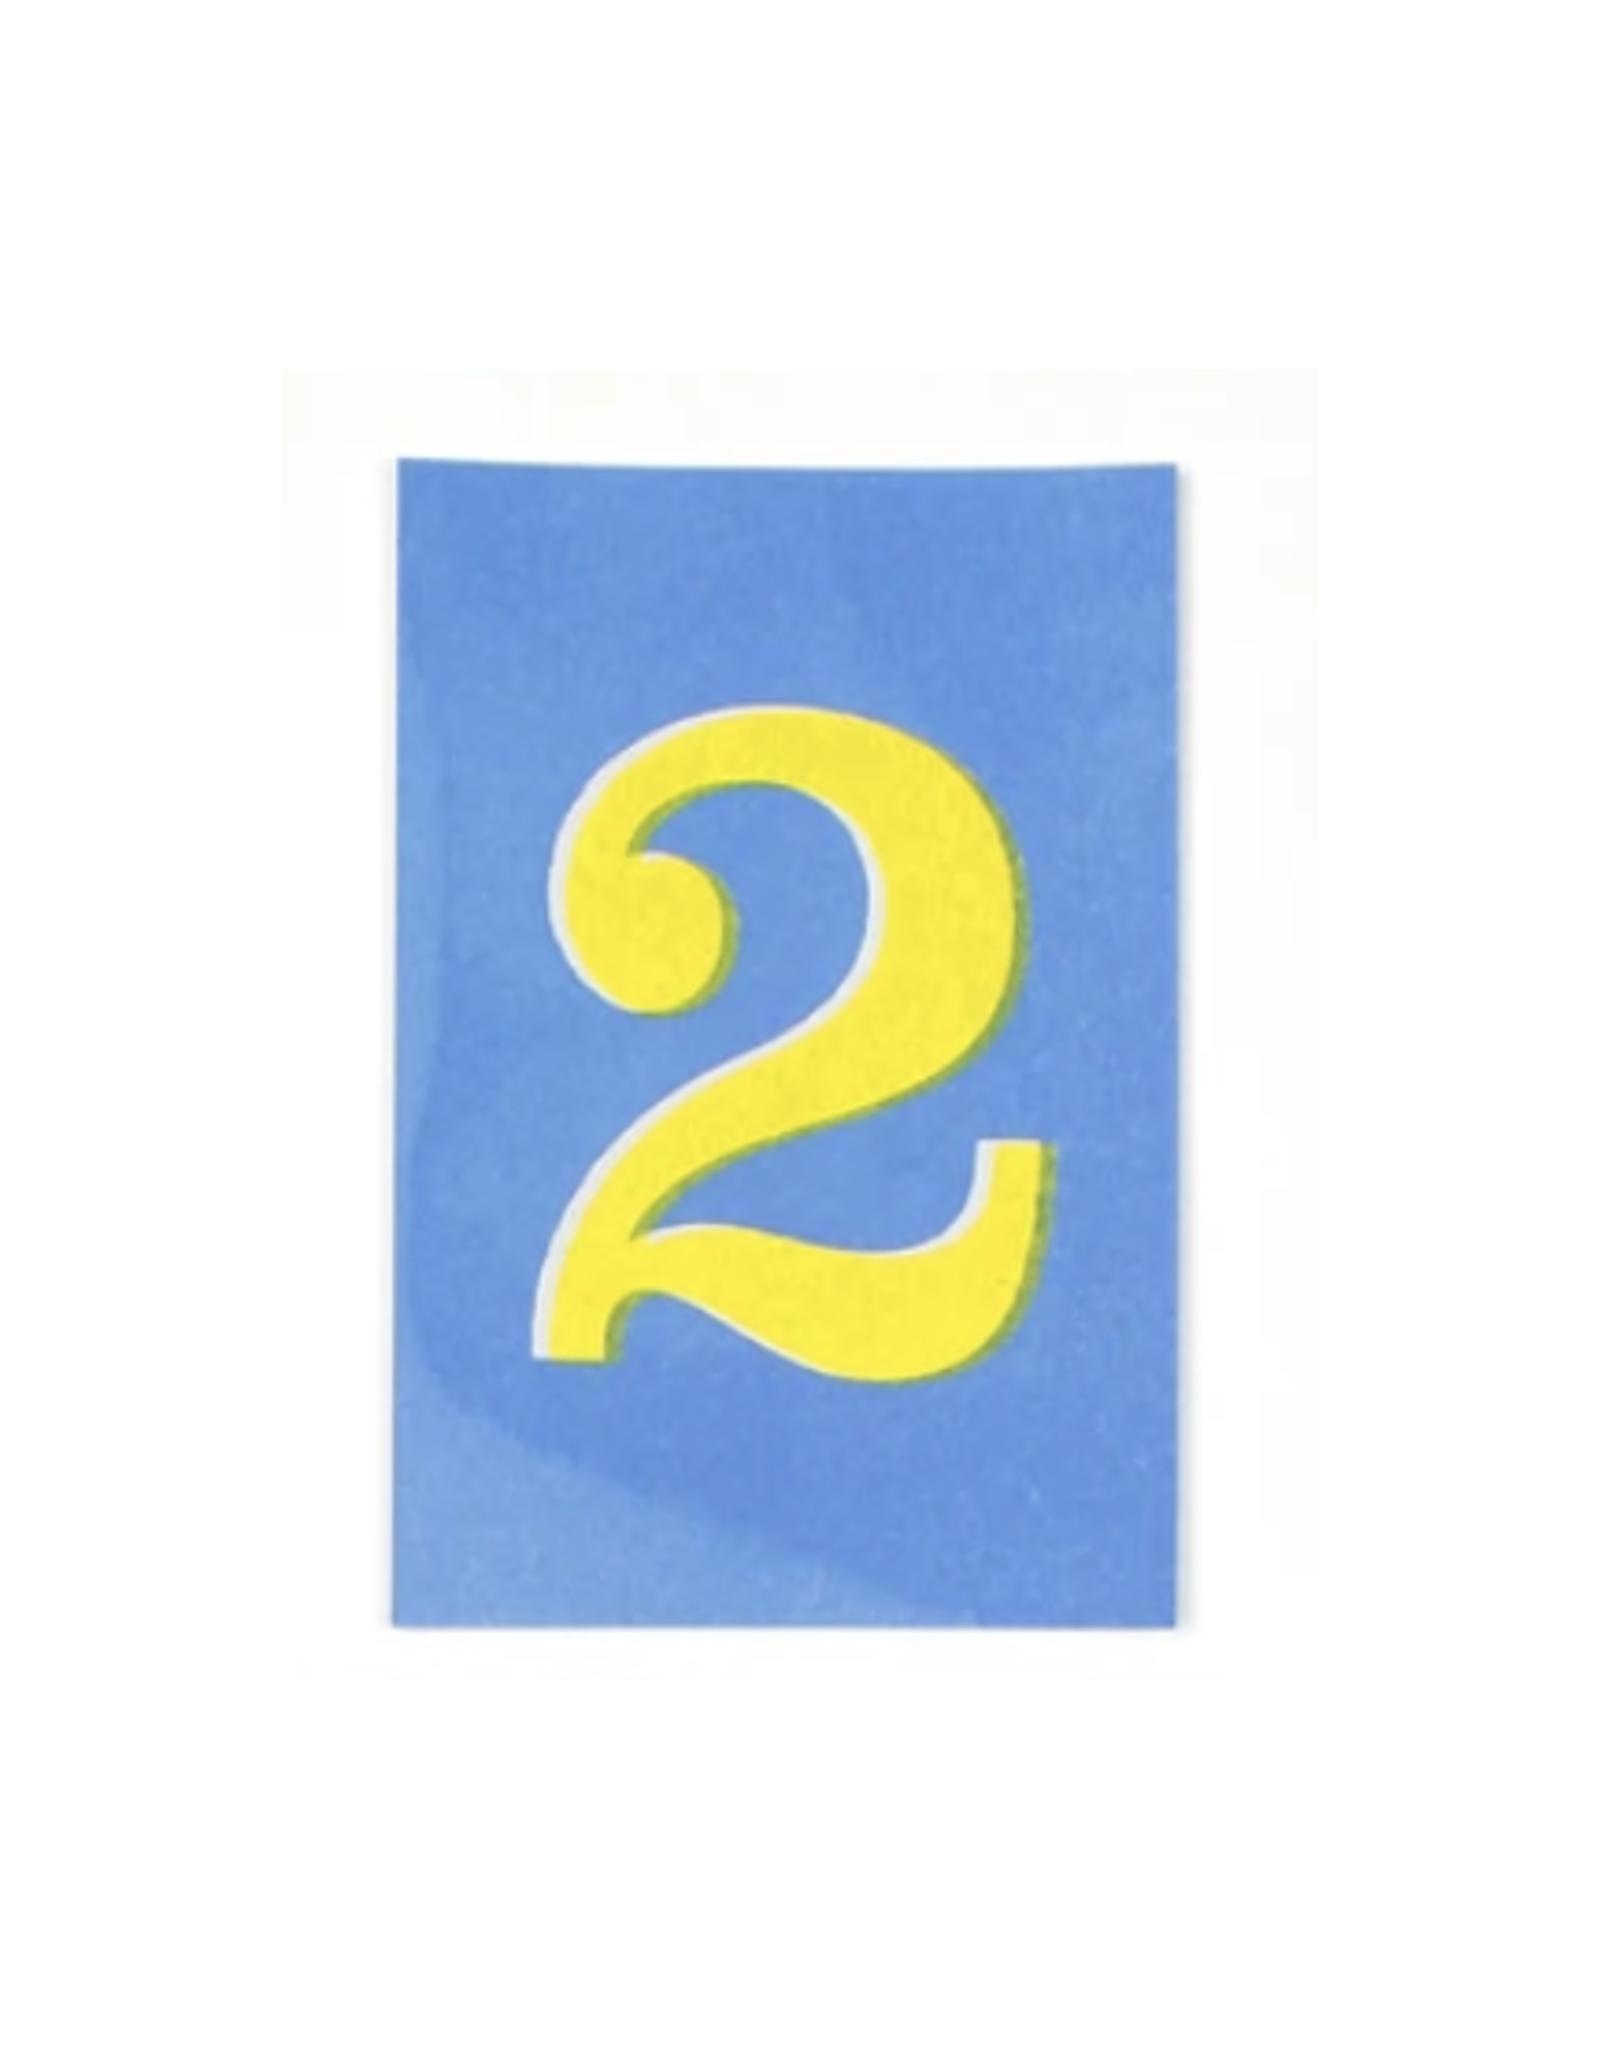 Two Postcard